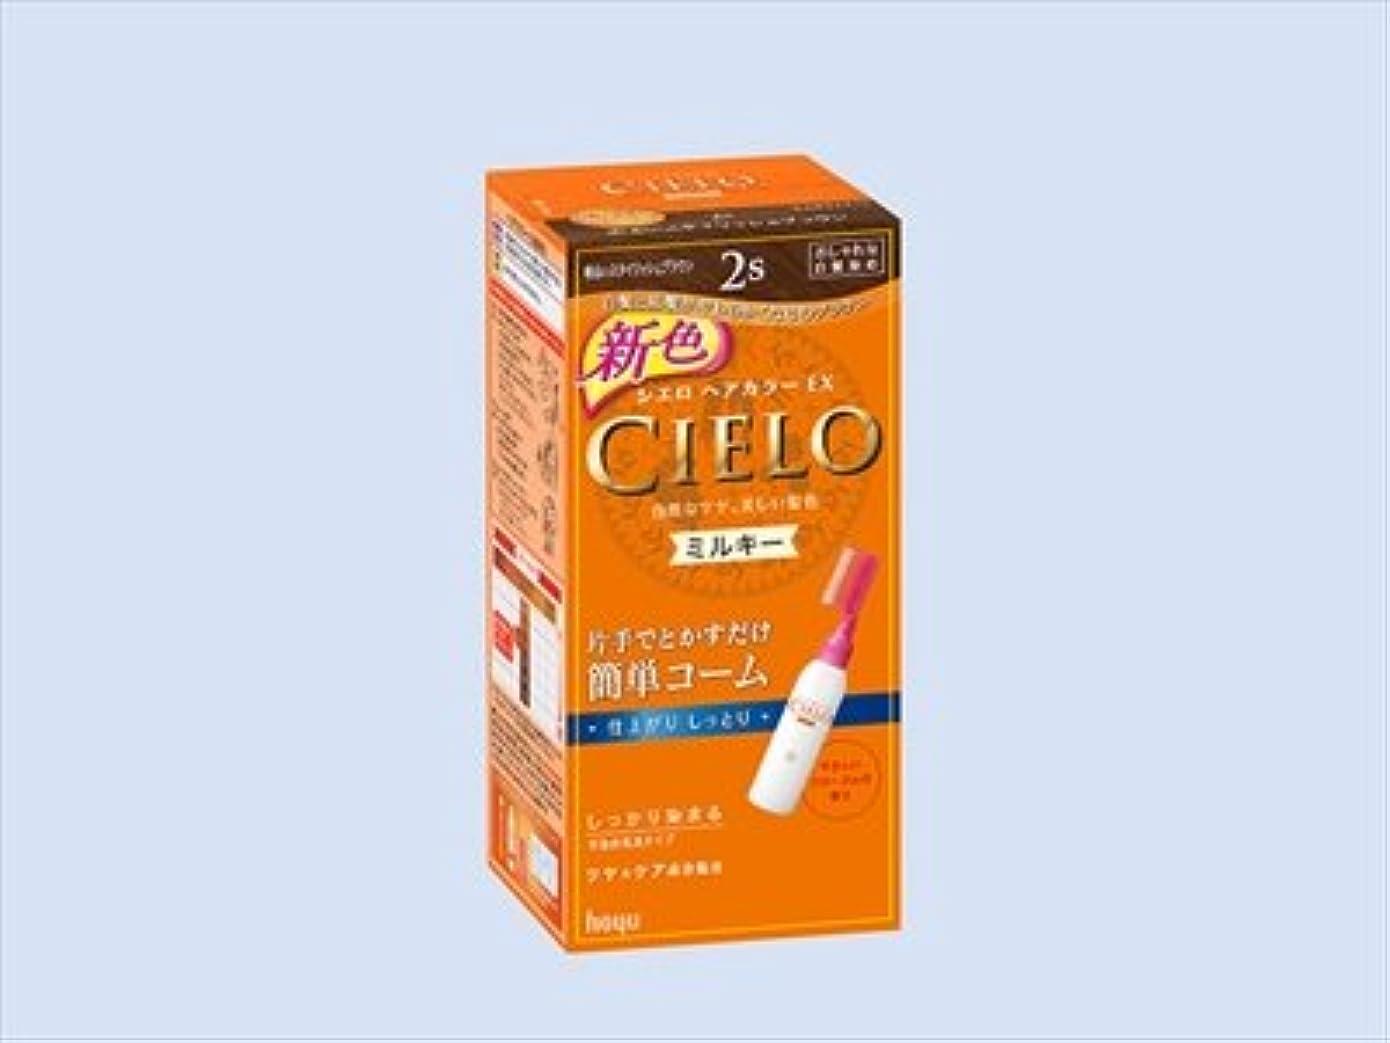 エンディング美人永遠のシエロ ヘアカラー EX ミルキー 2S 明るいスタイリッシュブラウン × 27個セット